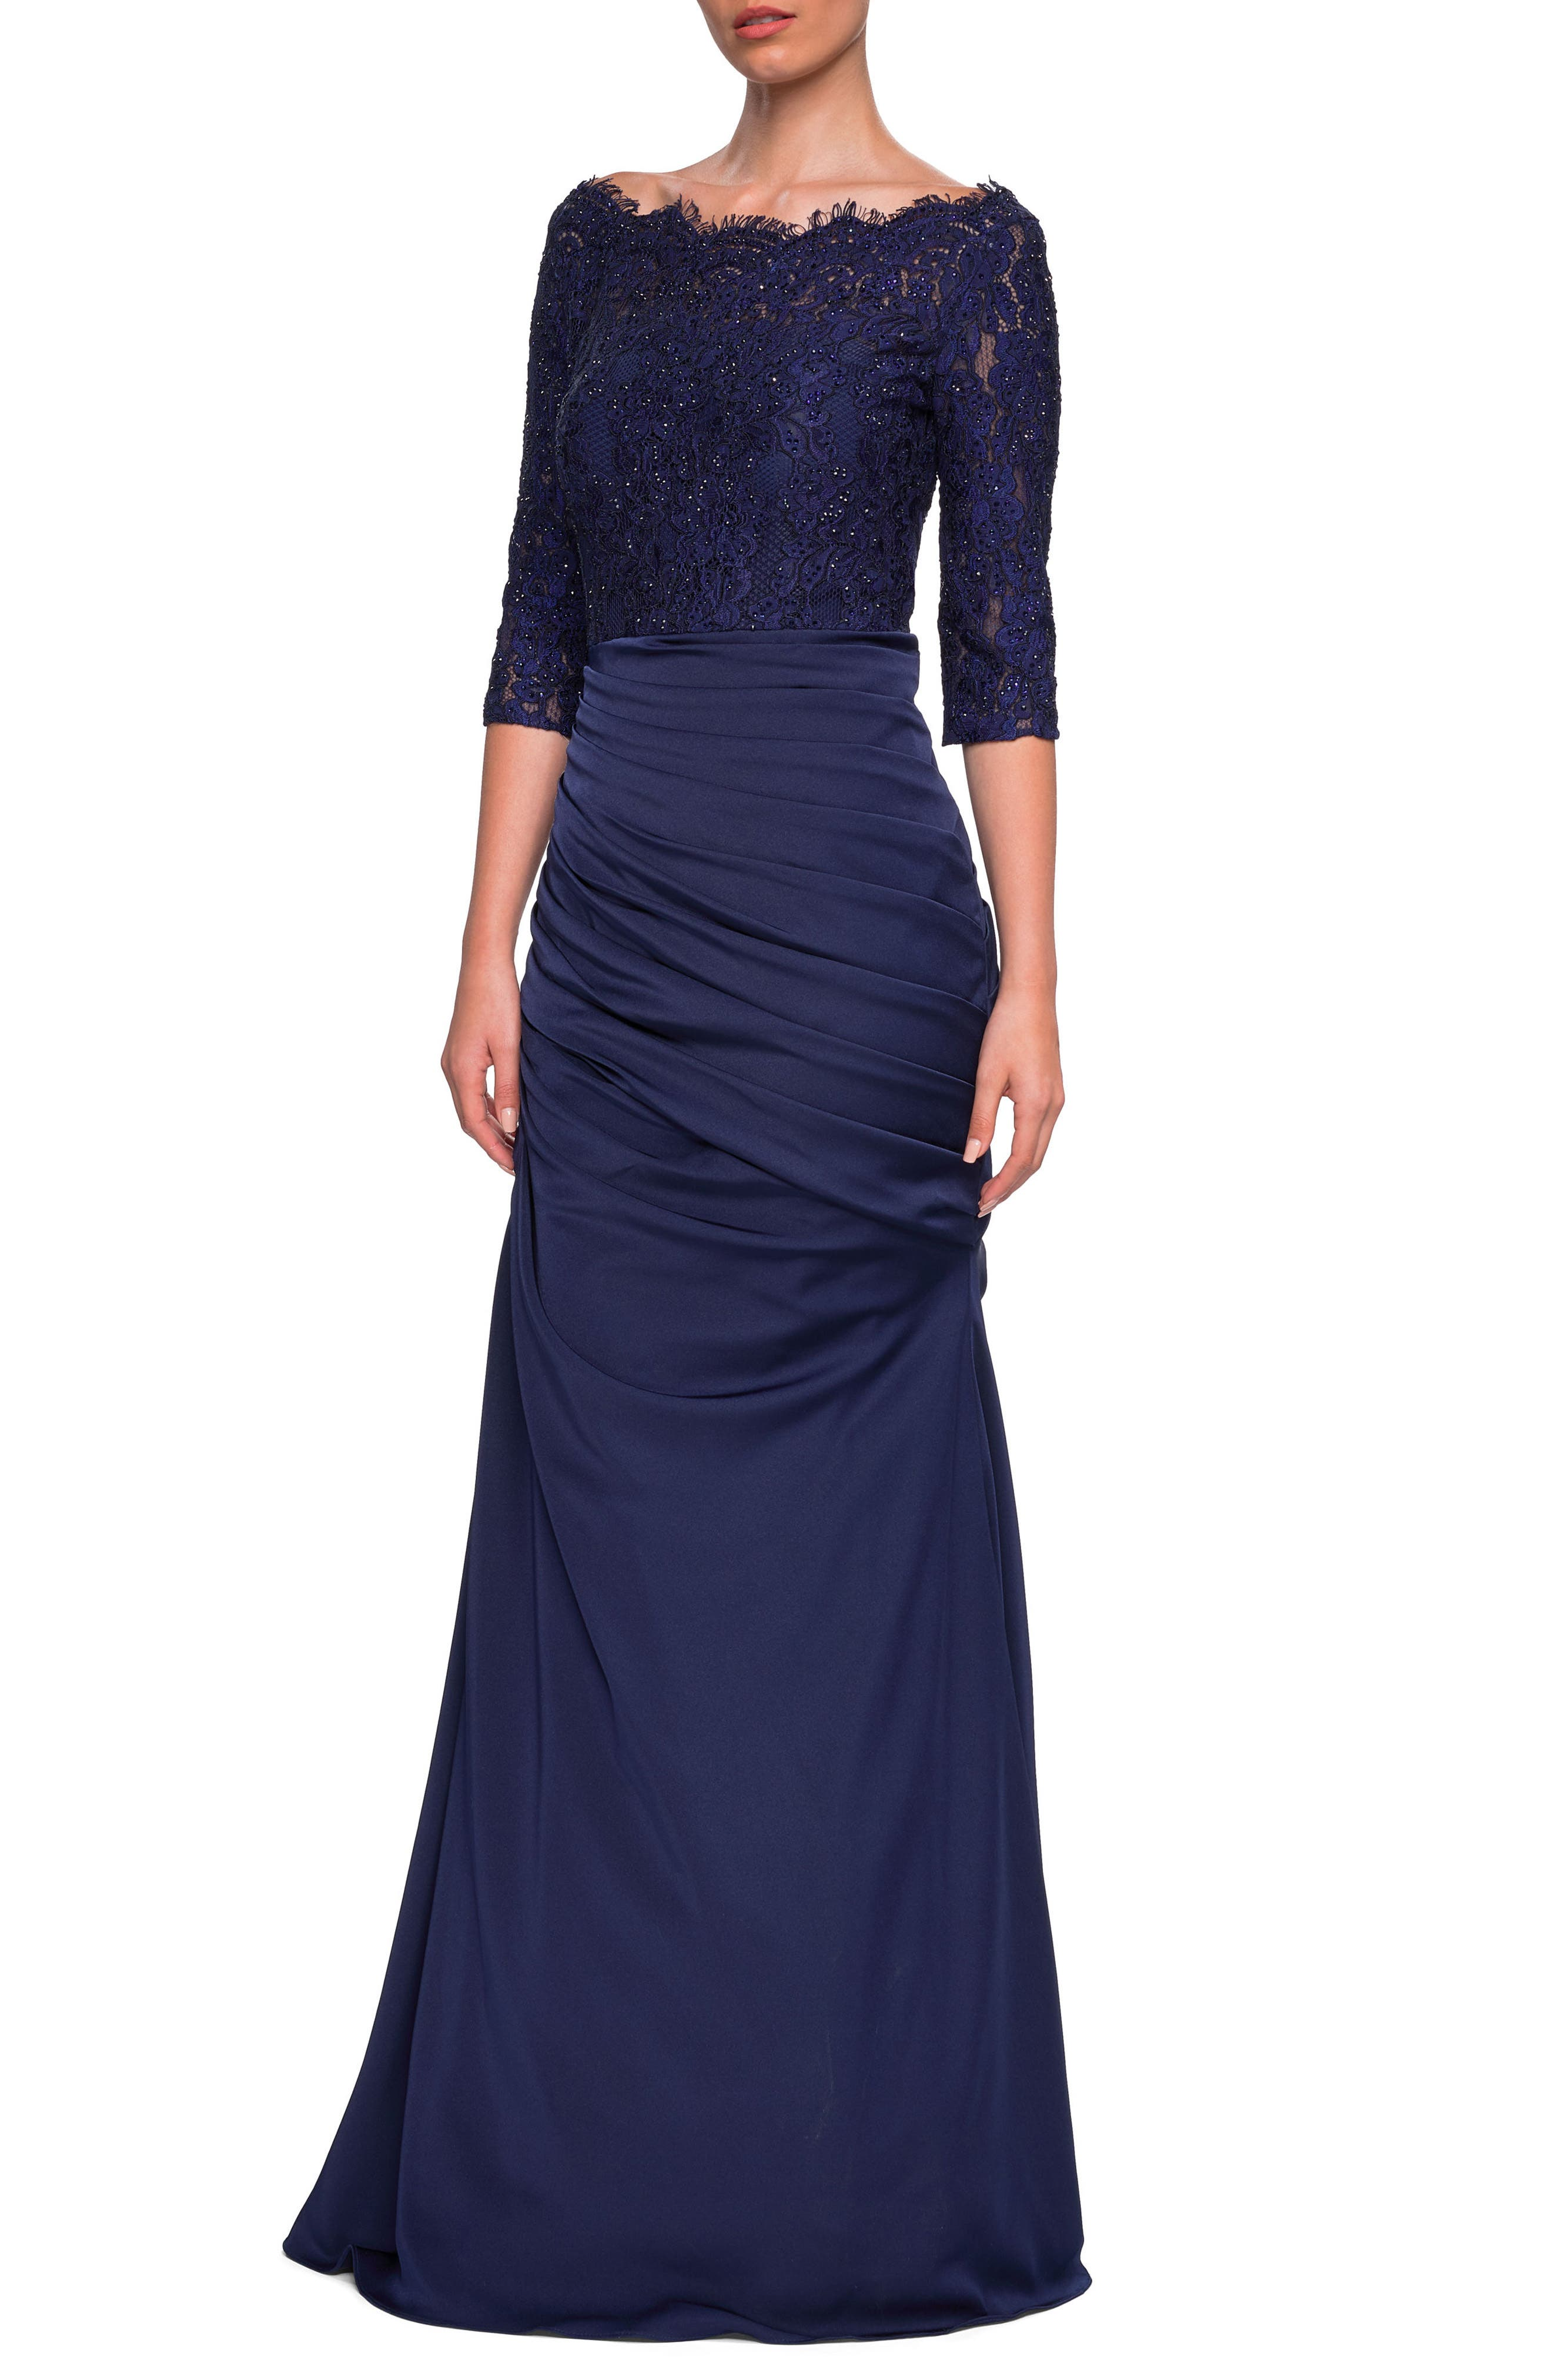 La Femme Lace Top Trumpet Gown, Blue